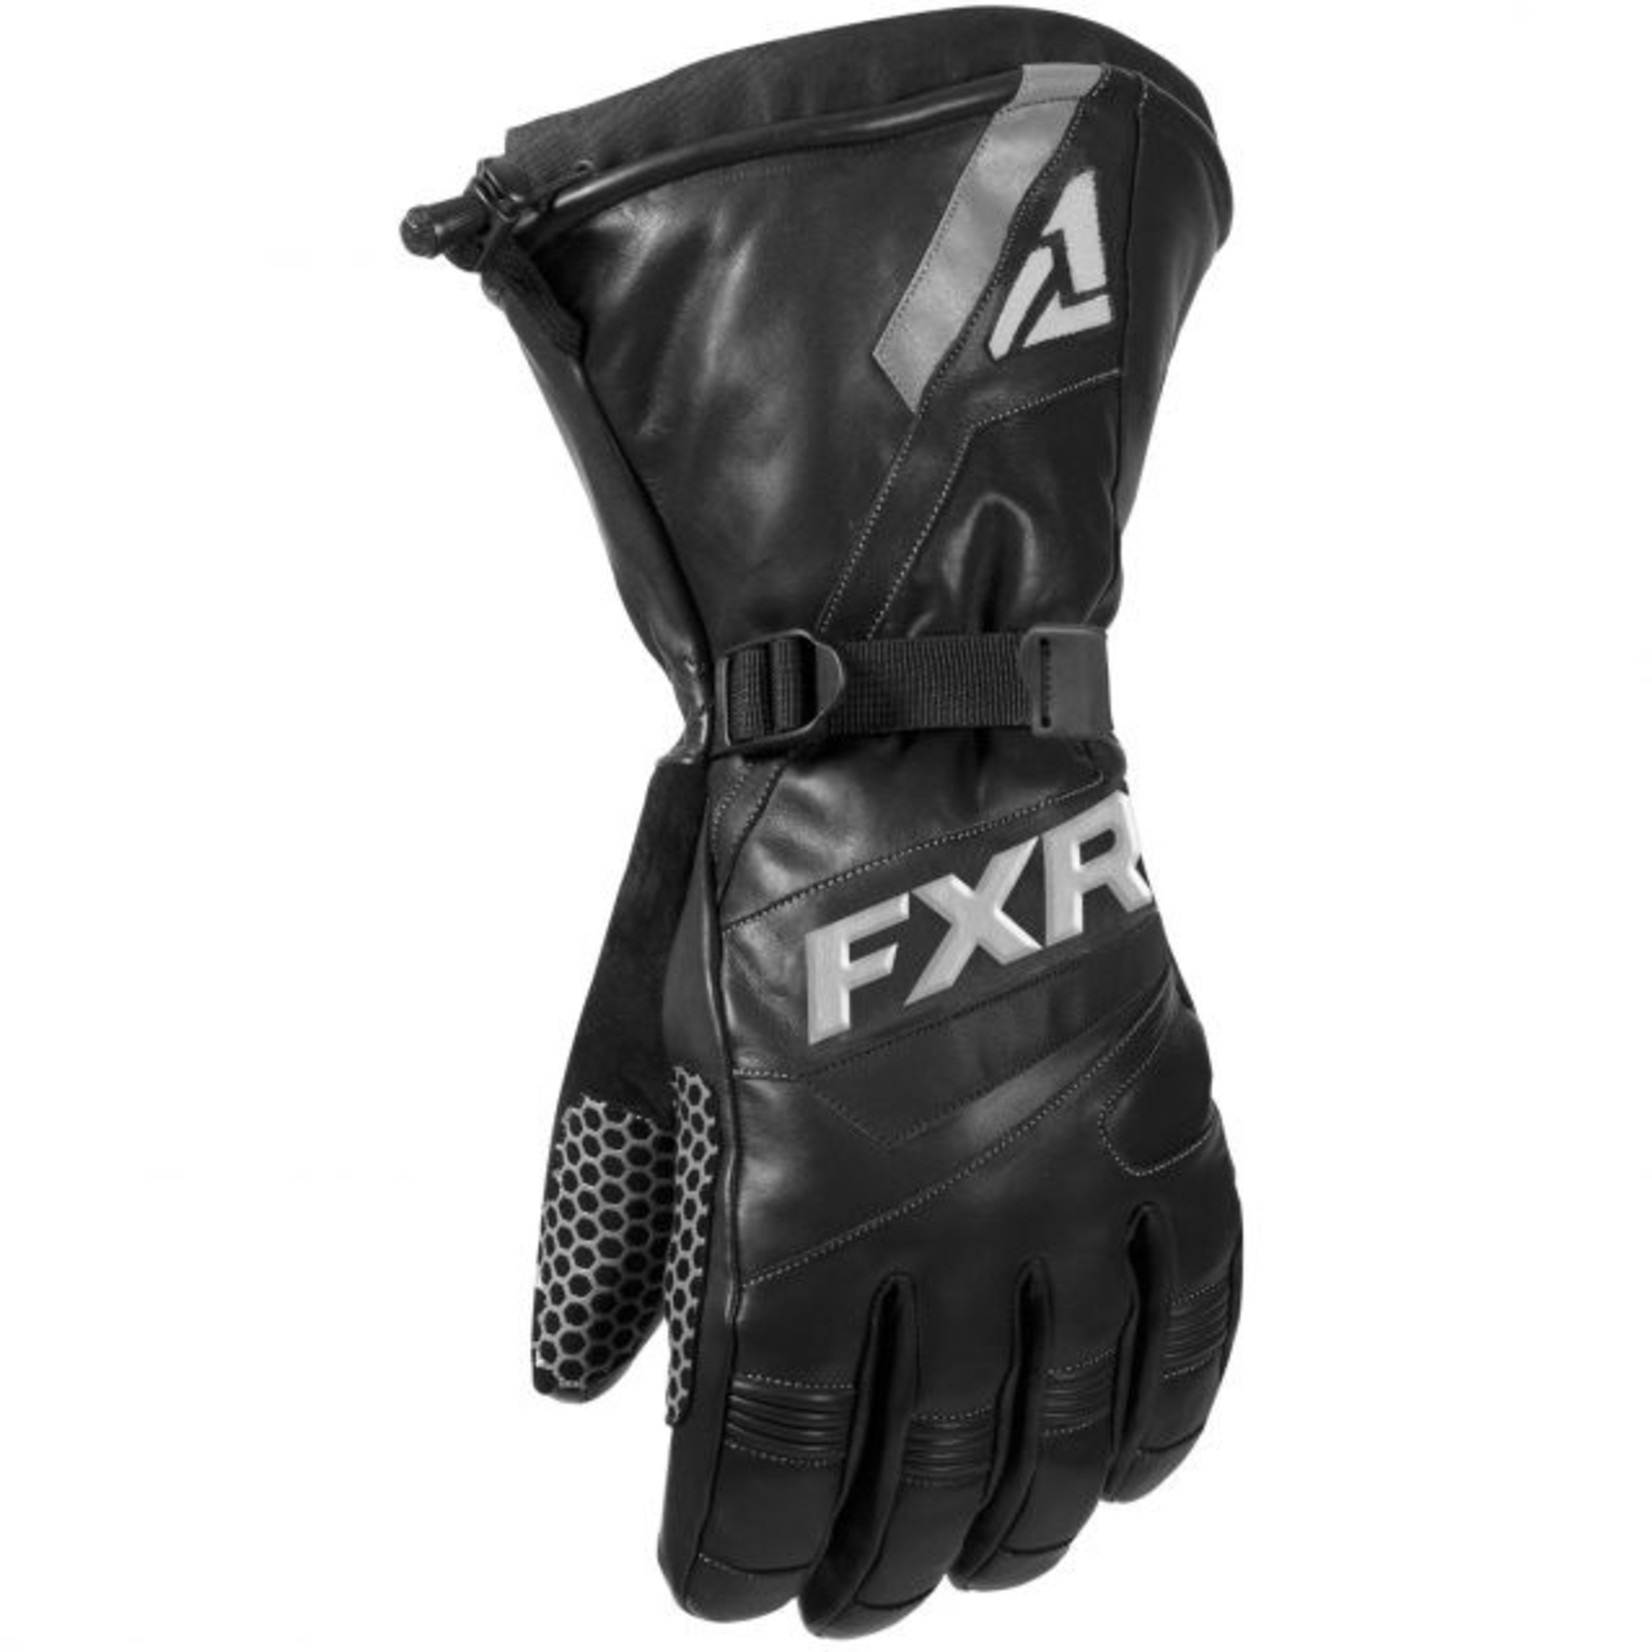 FXR FXR Leather Gauntlet Glove